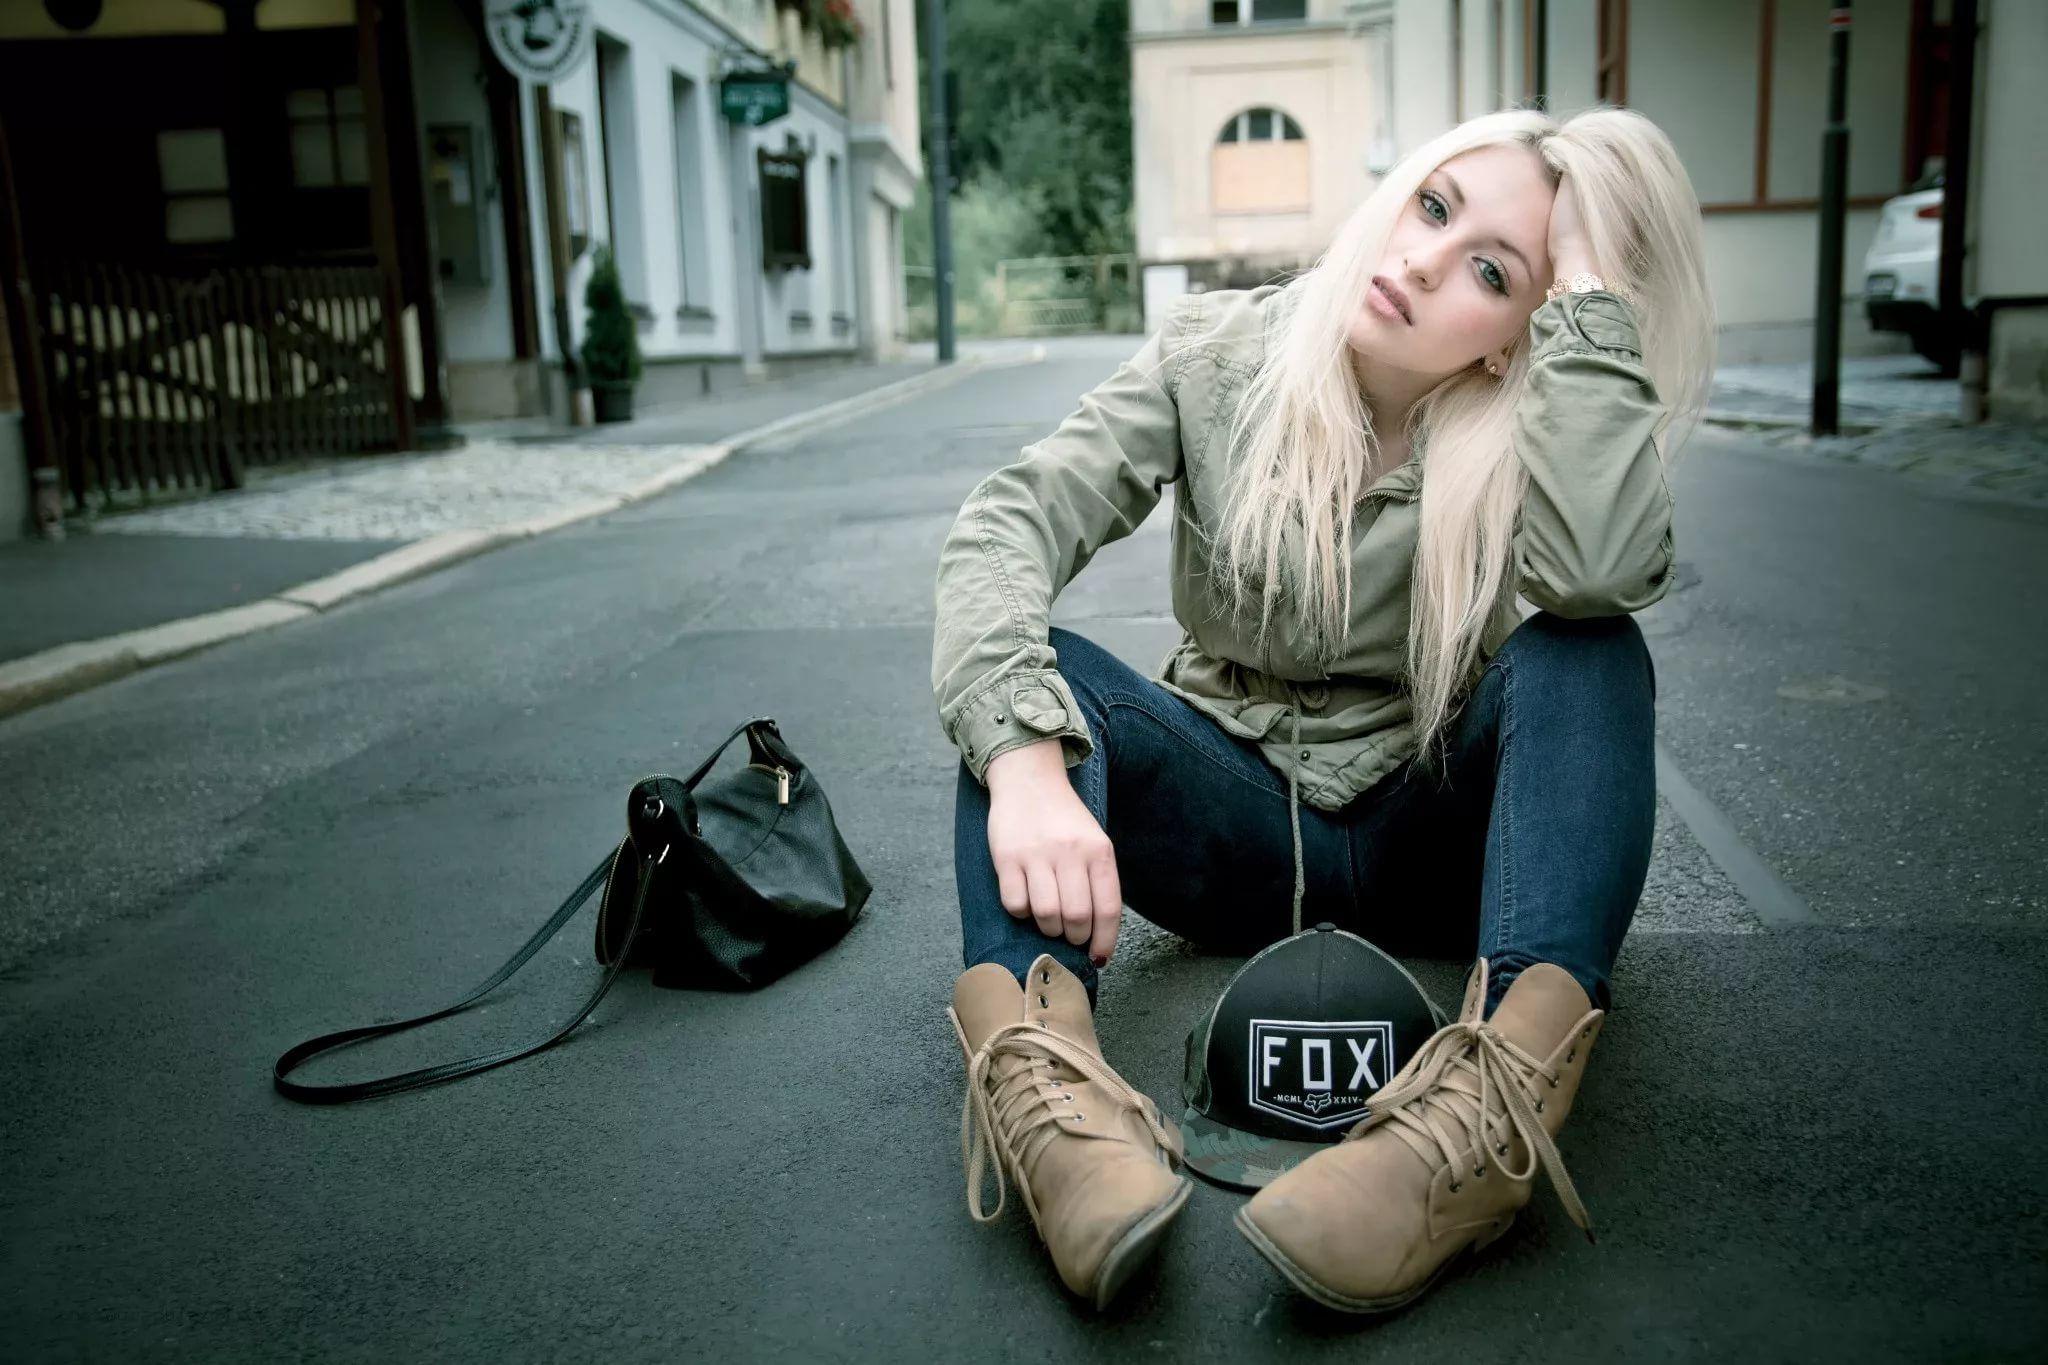 мои фото блондинка в джинсах словом